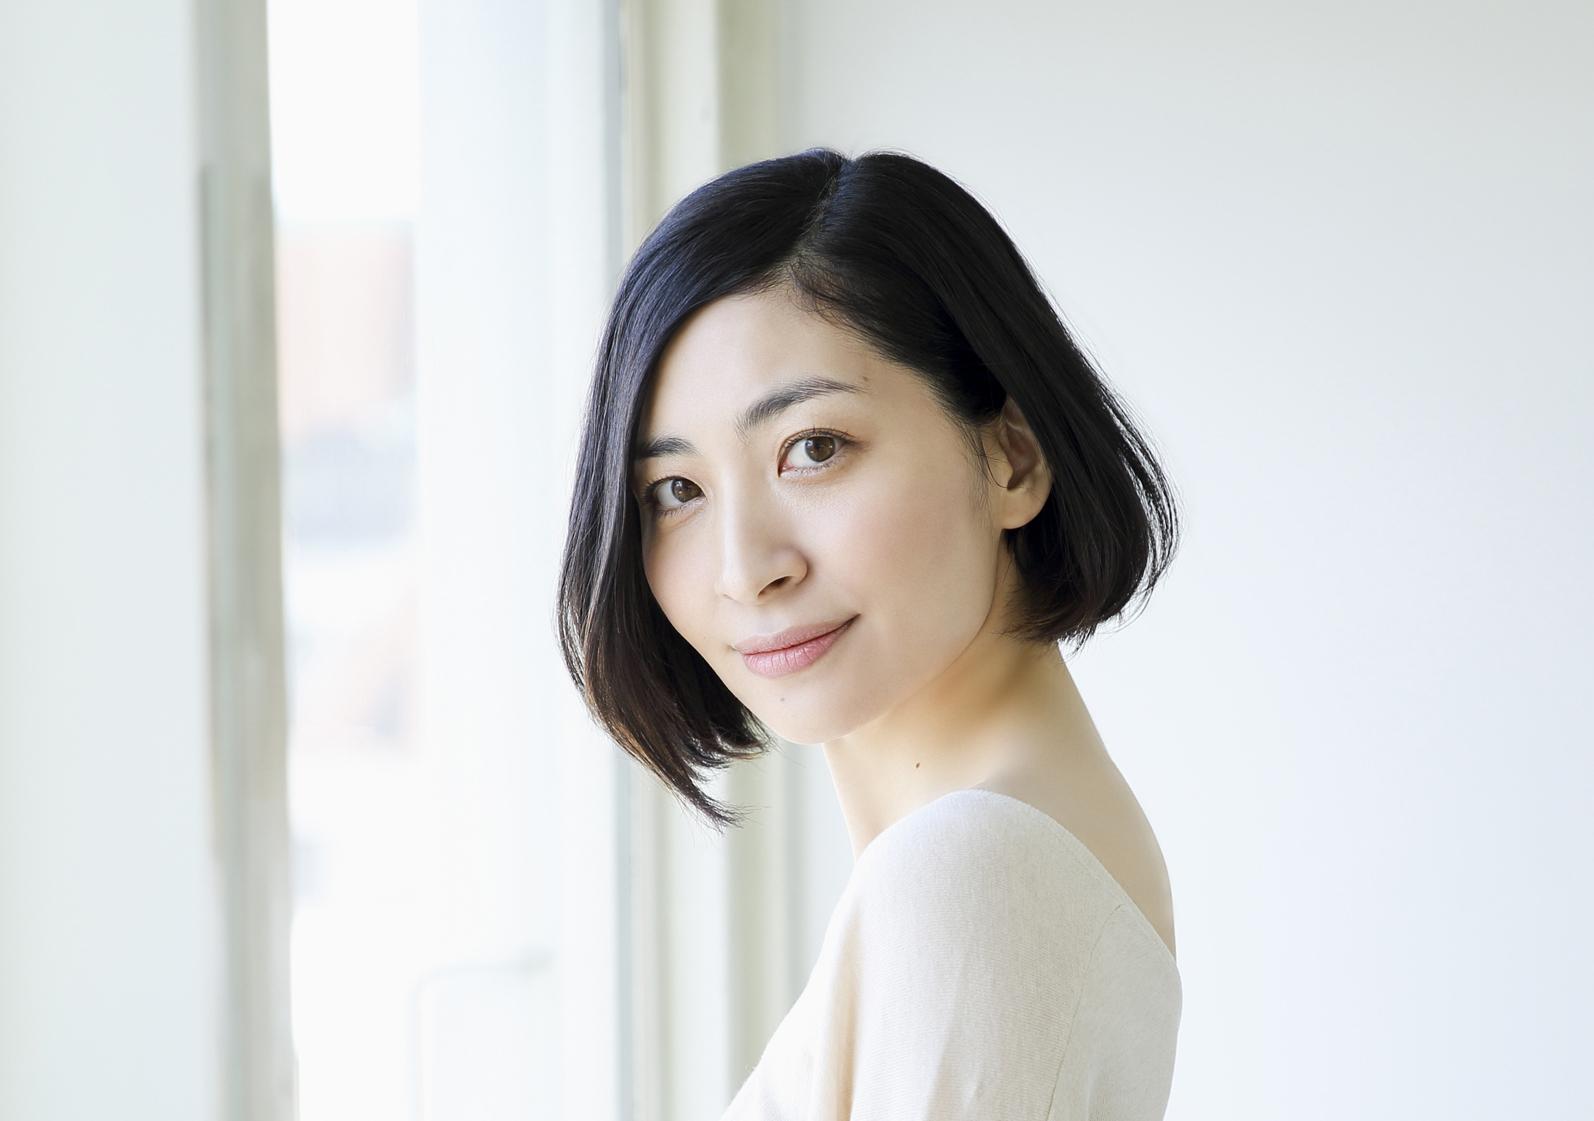 『フルーツバスケット』草摩 慊人役の坂本真綾